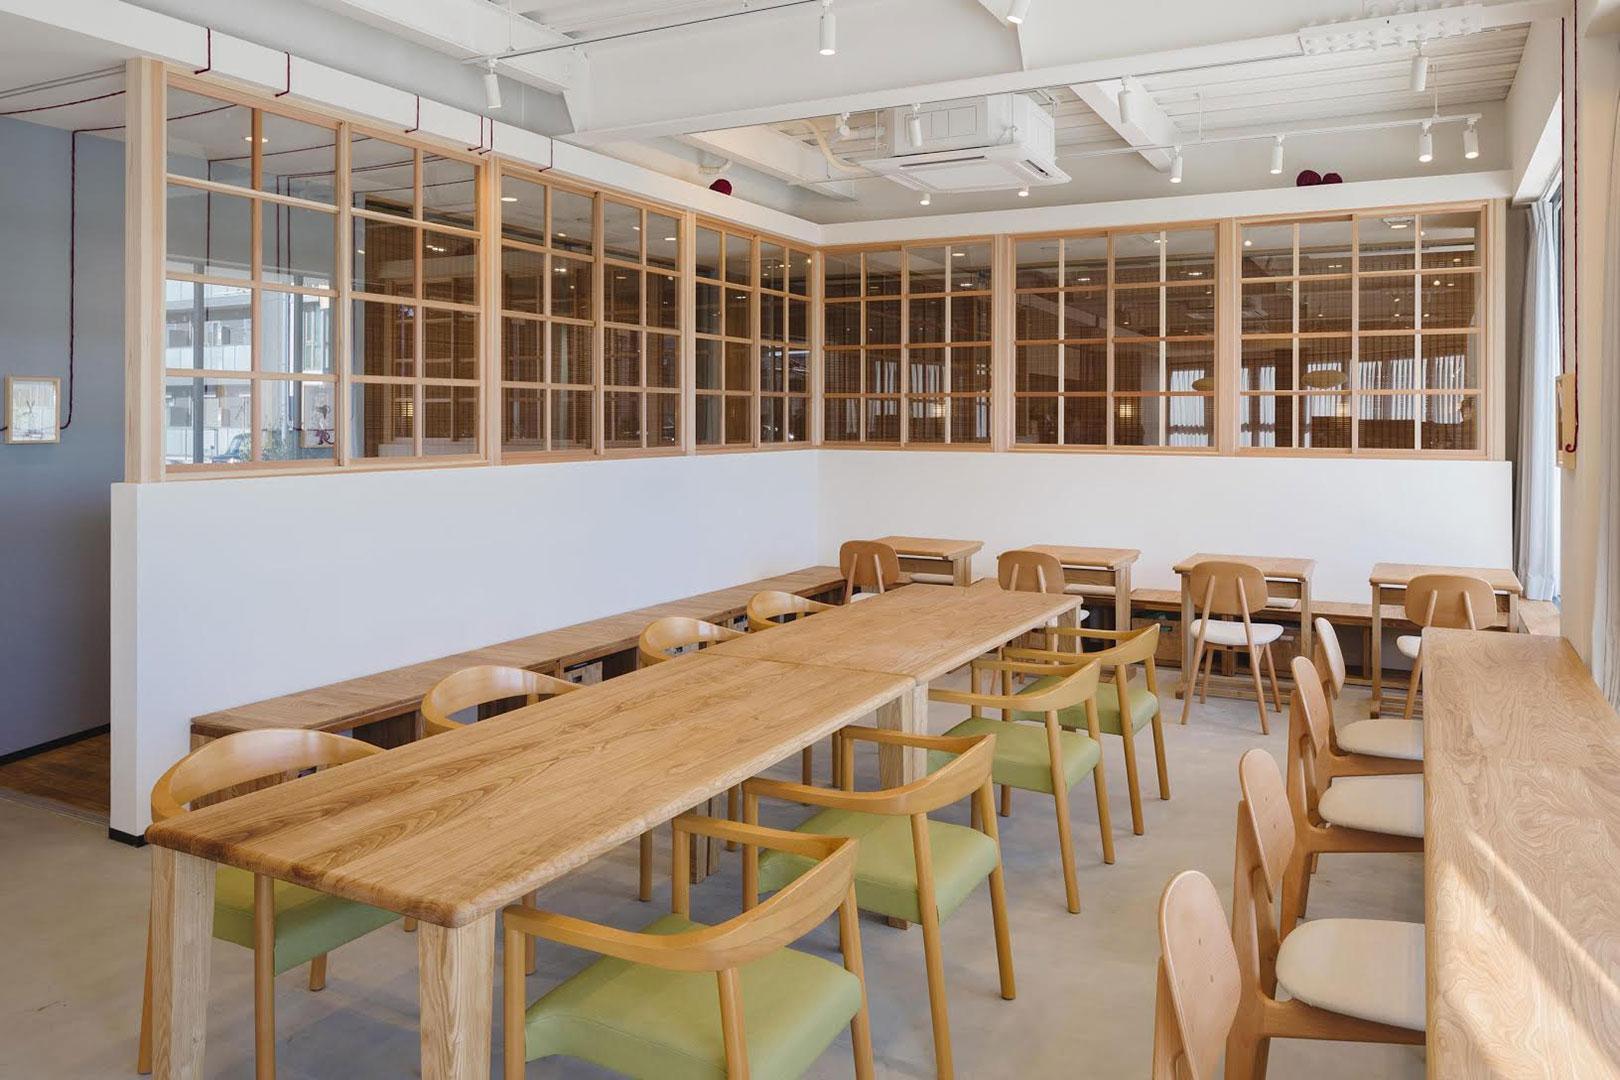 埼玉県に新しくオープンした「喫茶と美容室 茶の間」様